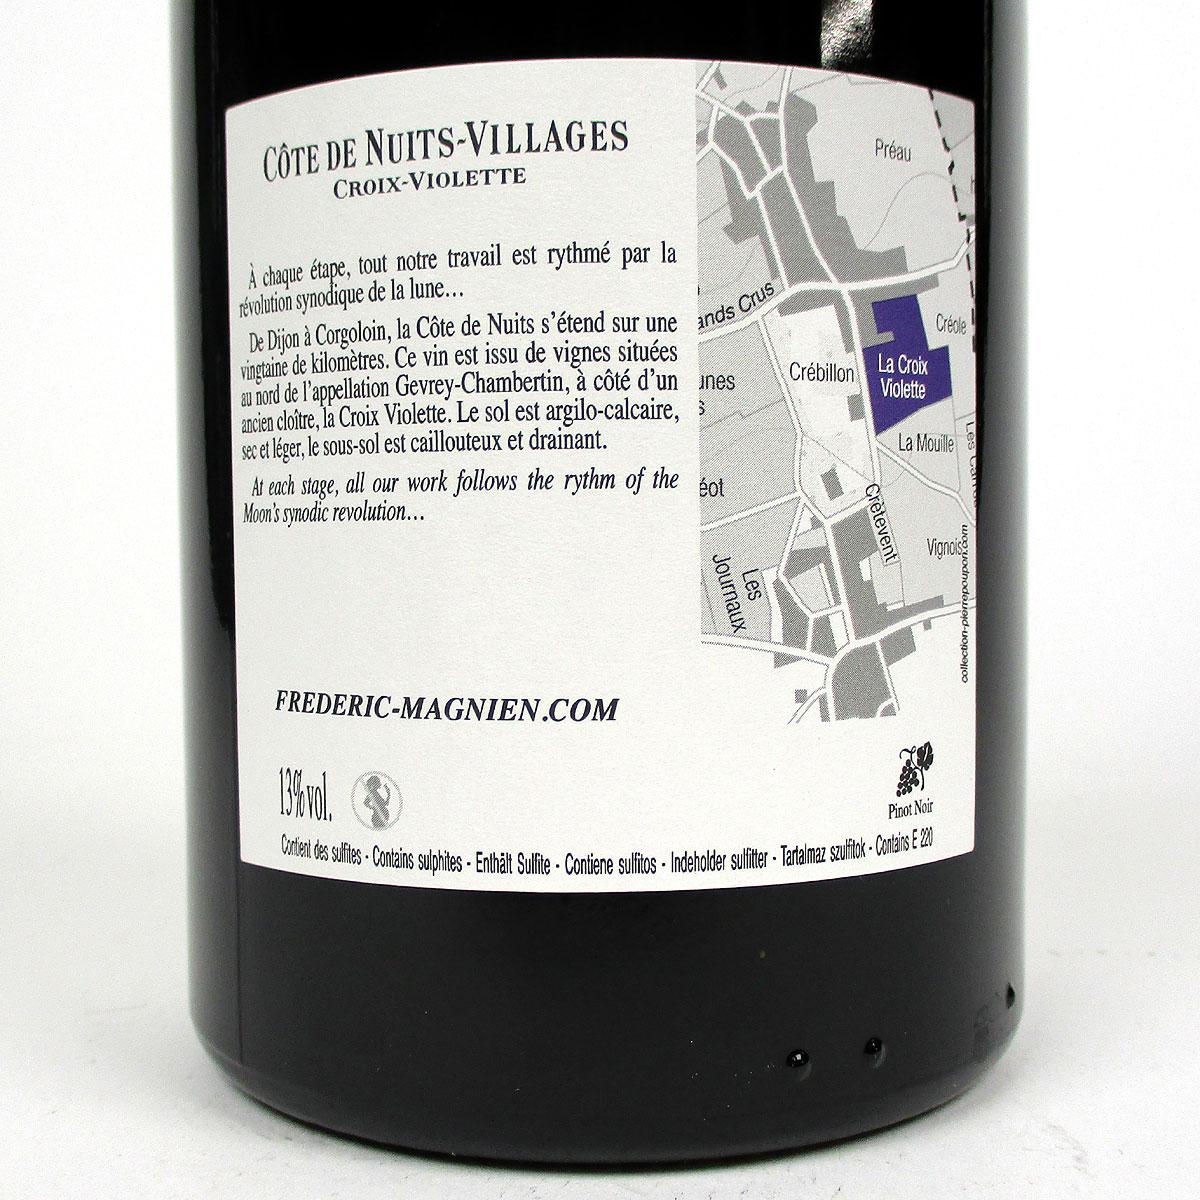 Côte de Nuits-Villages: Frédéric Magnien 'Croix Violette' 2017 - Bottle Rear  Label